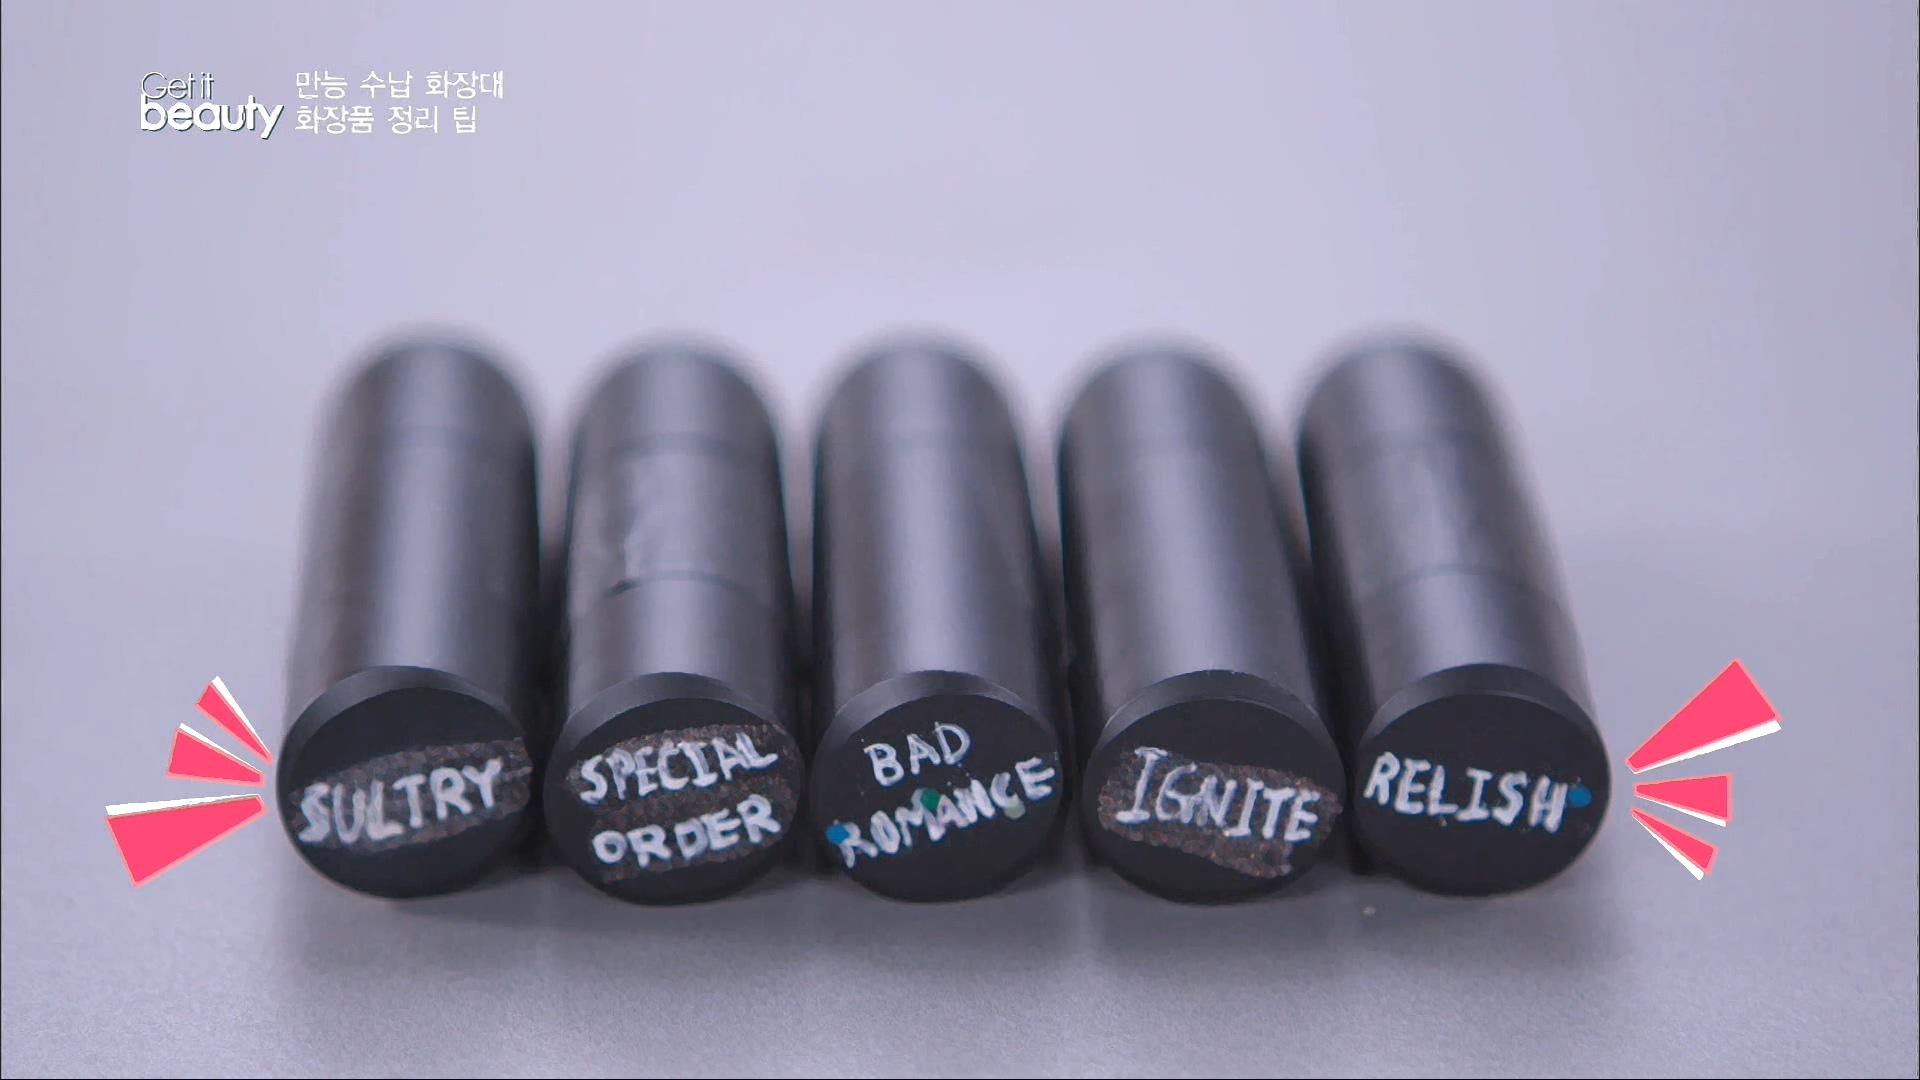 TIP #2.원하는 립스틱 찾기 뚜껑 위에 수정액으로 제품명이나 컬러 정보를 적어둔다.